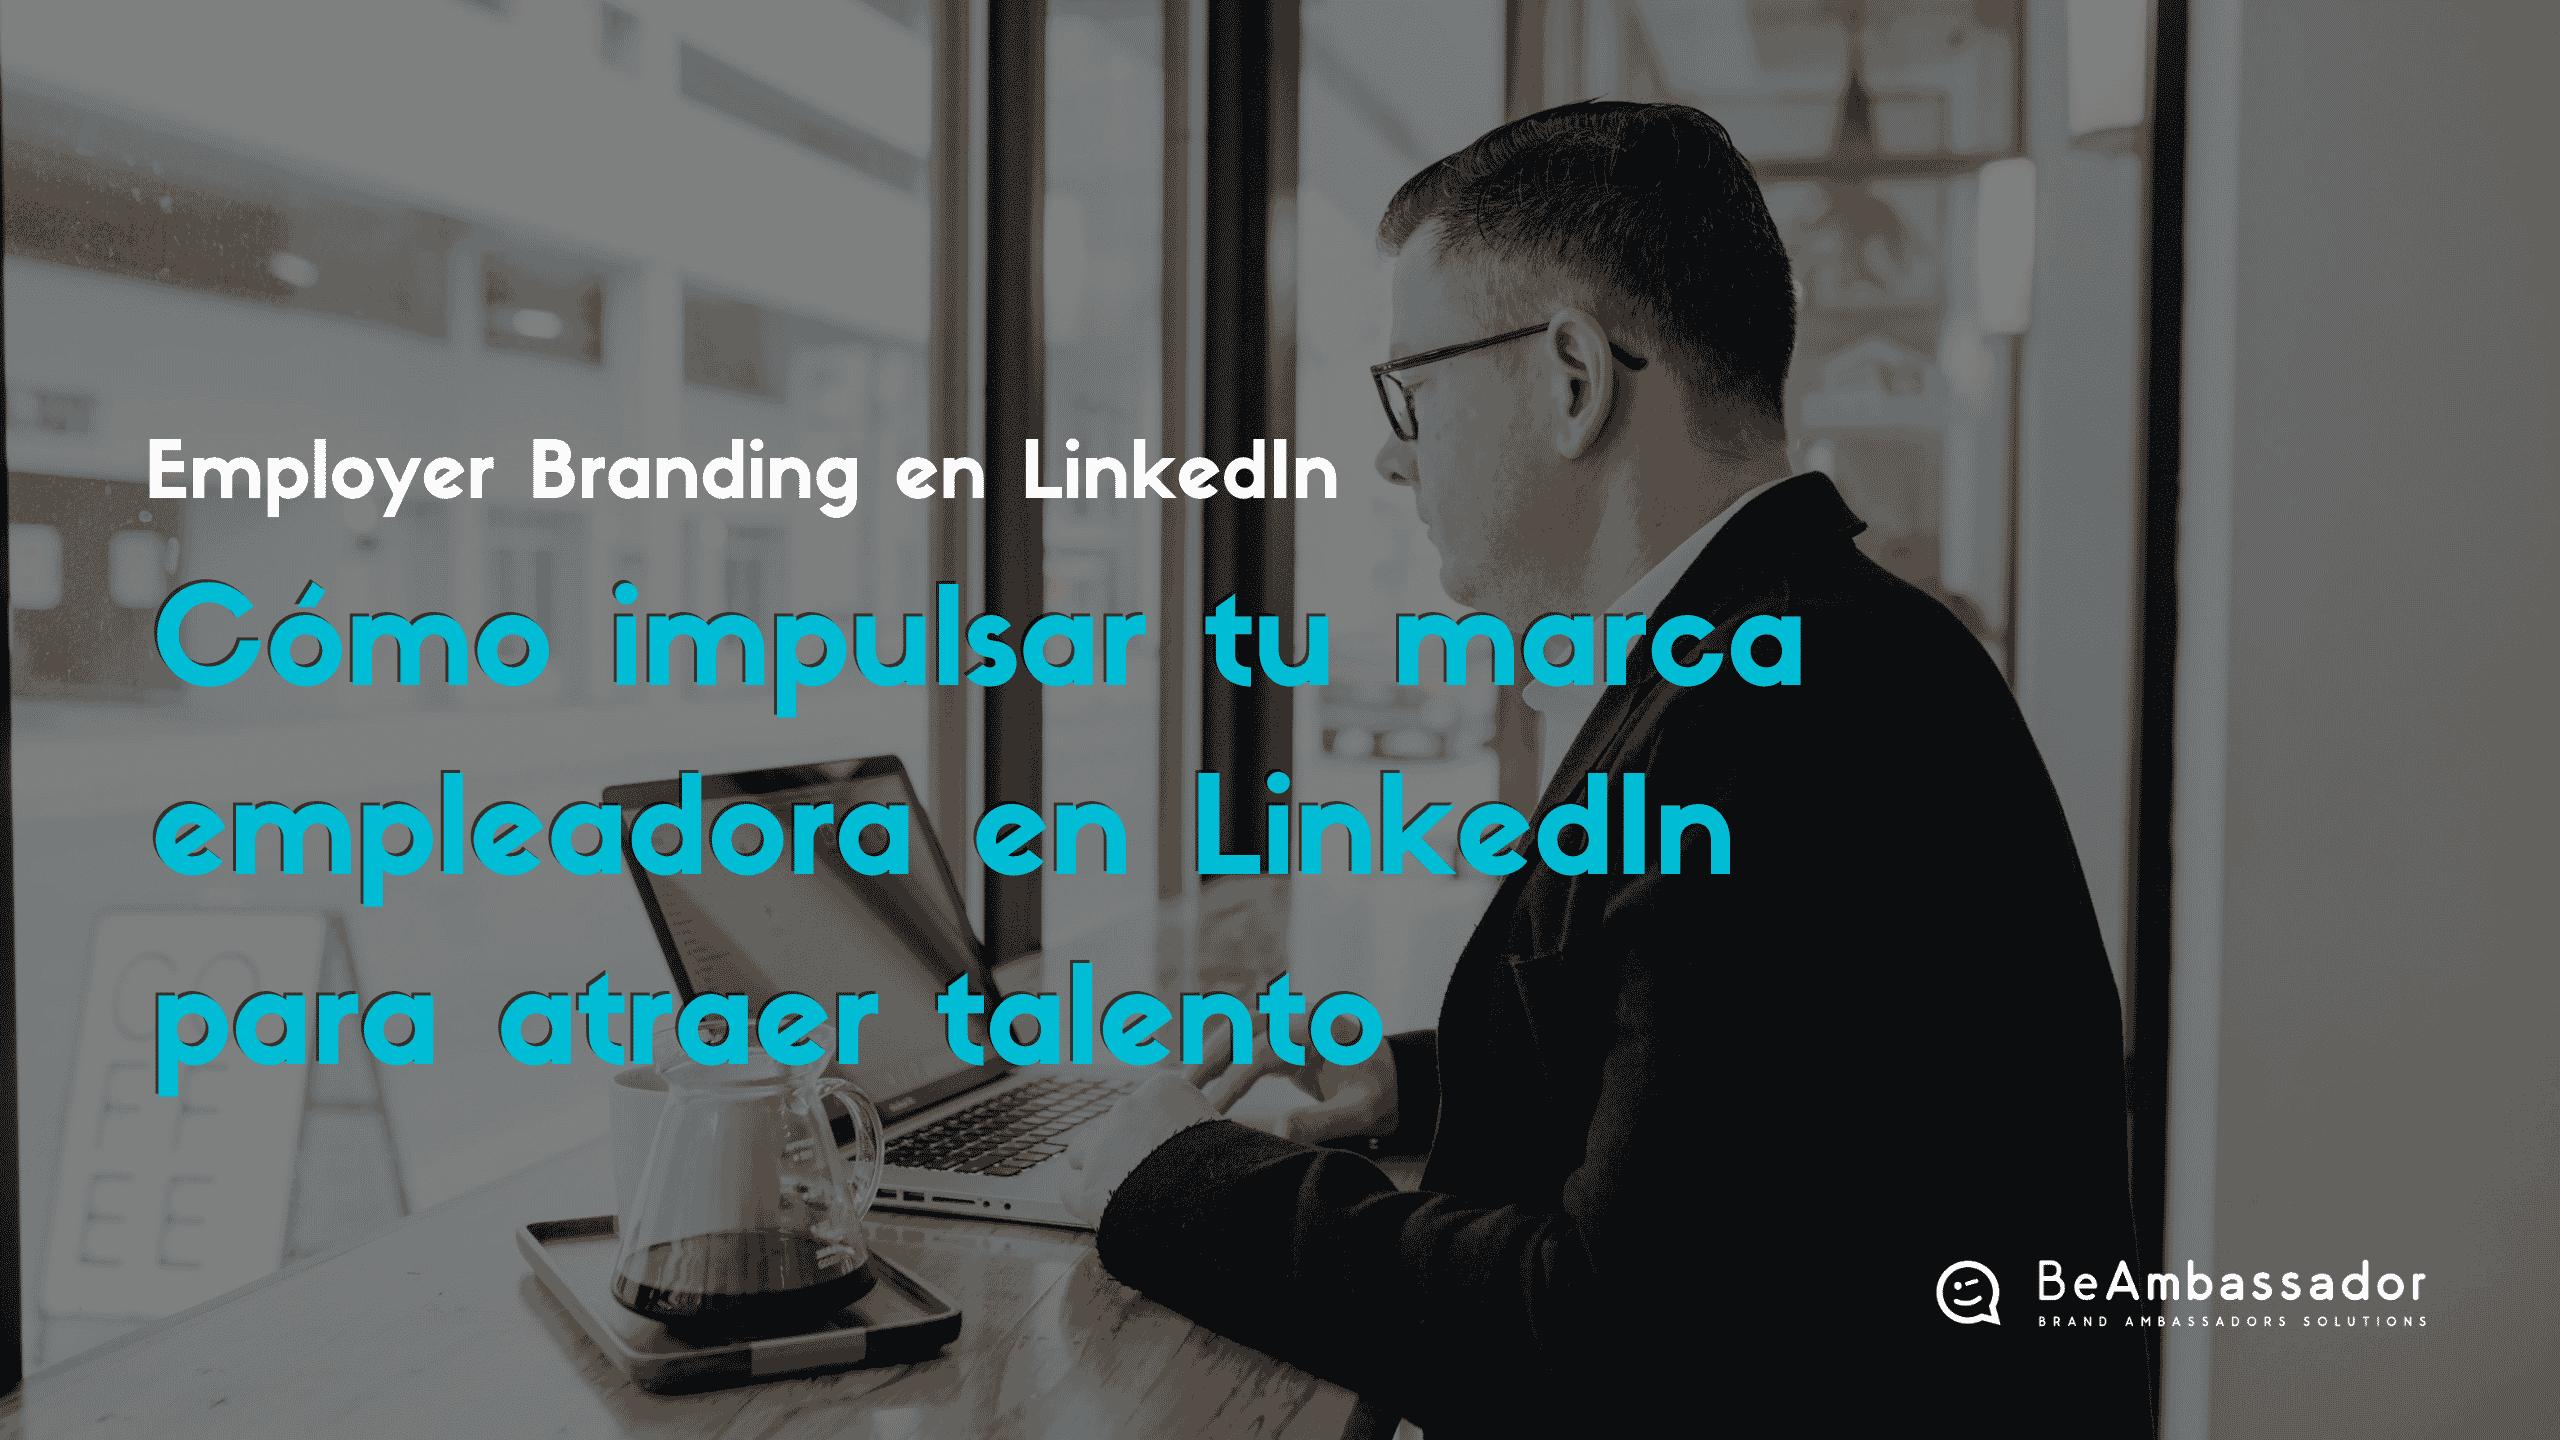 Cómo impulsar tu Employer Branding en LinkedIn